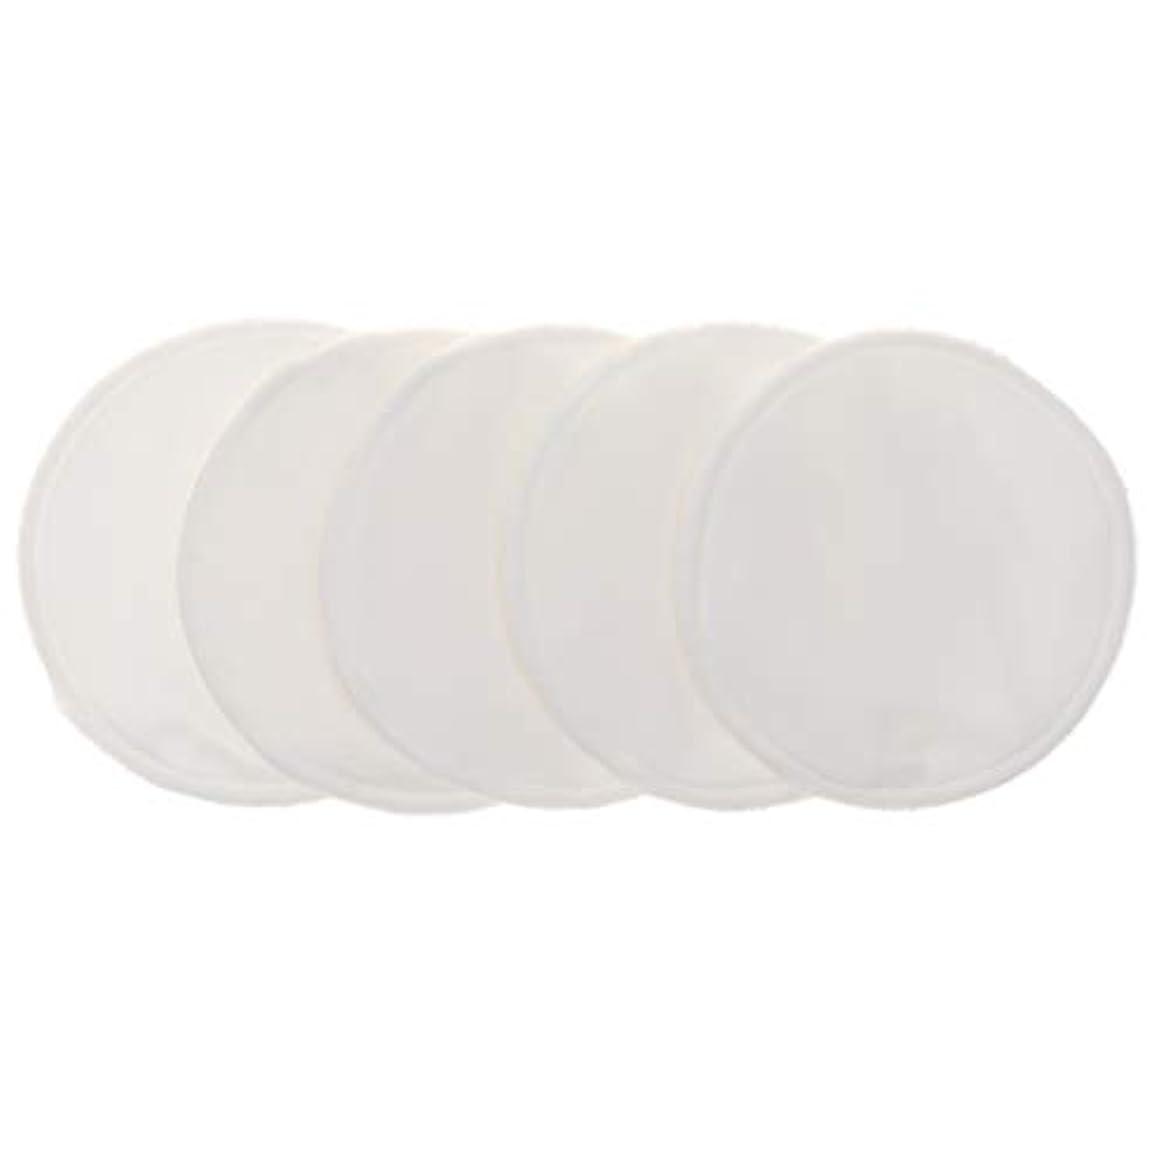 計算する不調和未接続Fenteer 12cm 胸パッド クレンジングシート 化粧水パッド 竹繊維 円形 洗える 再使用可能 5個 全5色 - 白